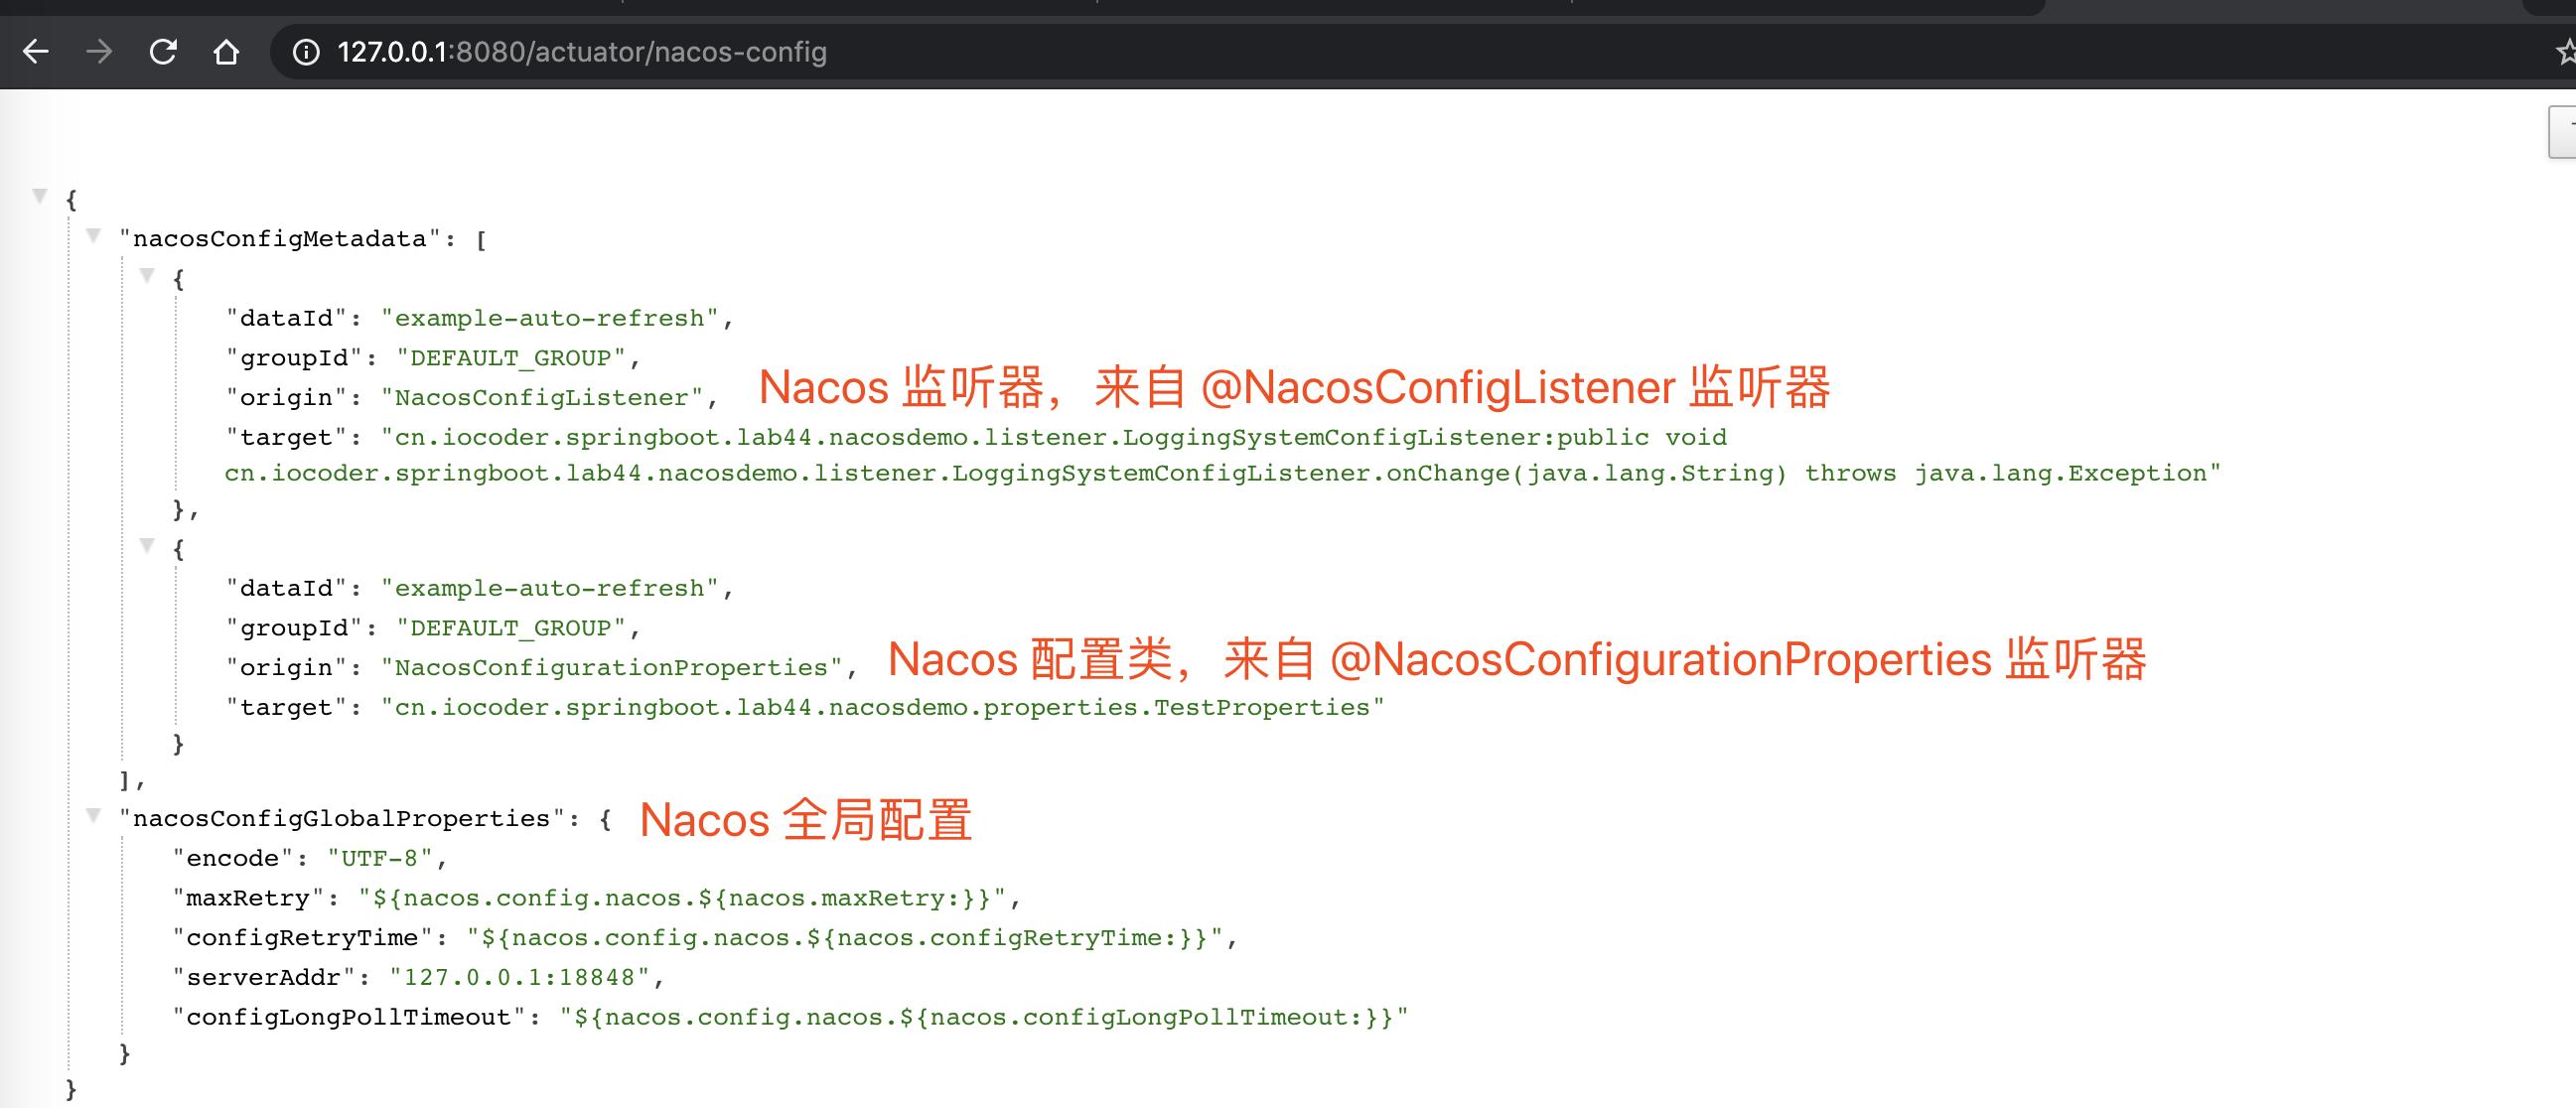 nacos-config 端点